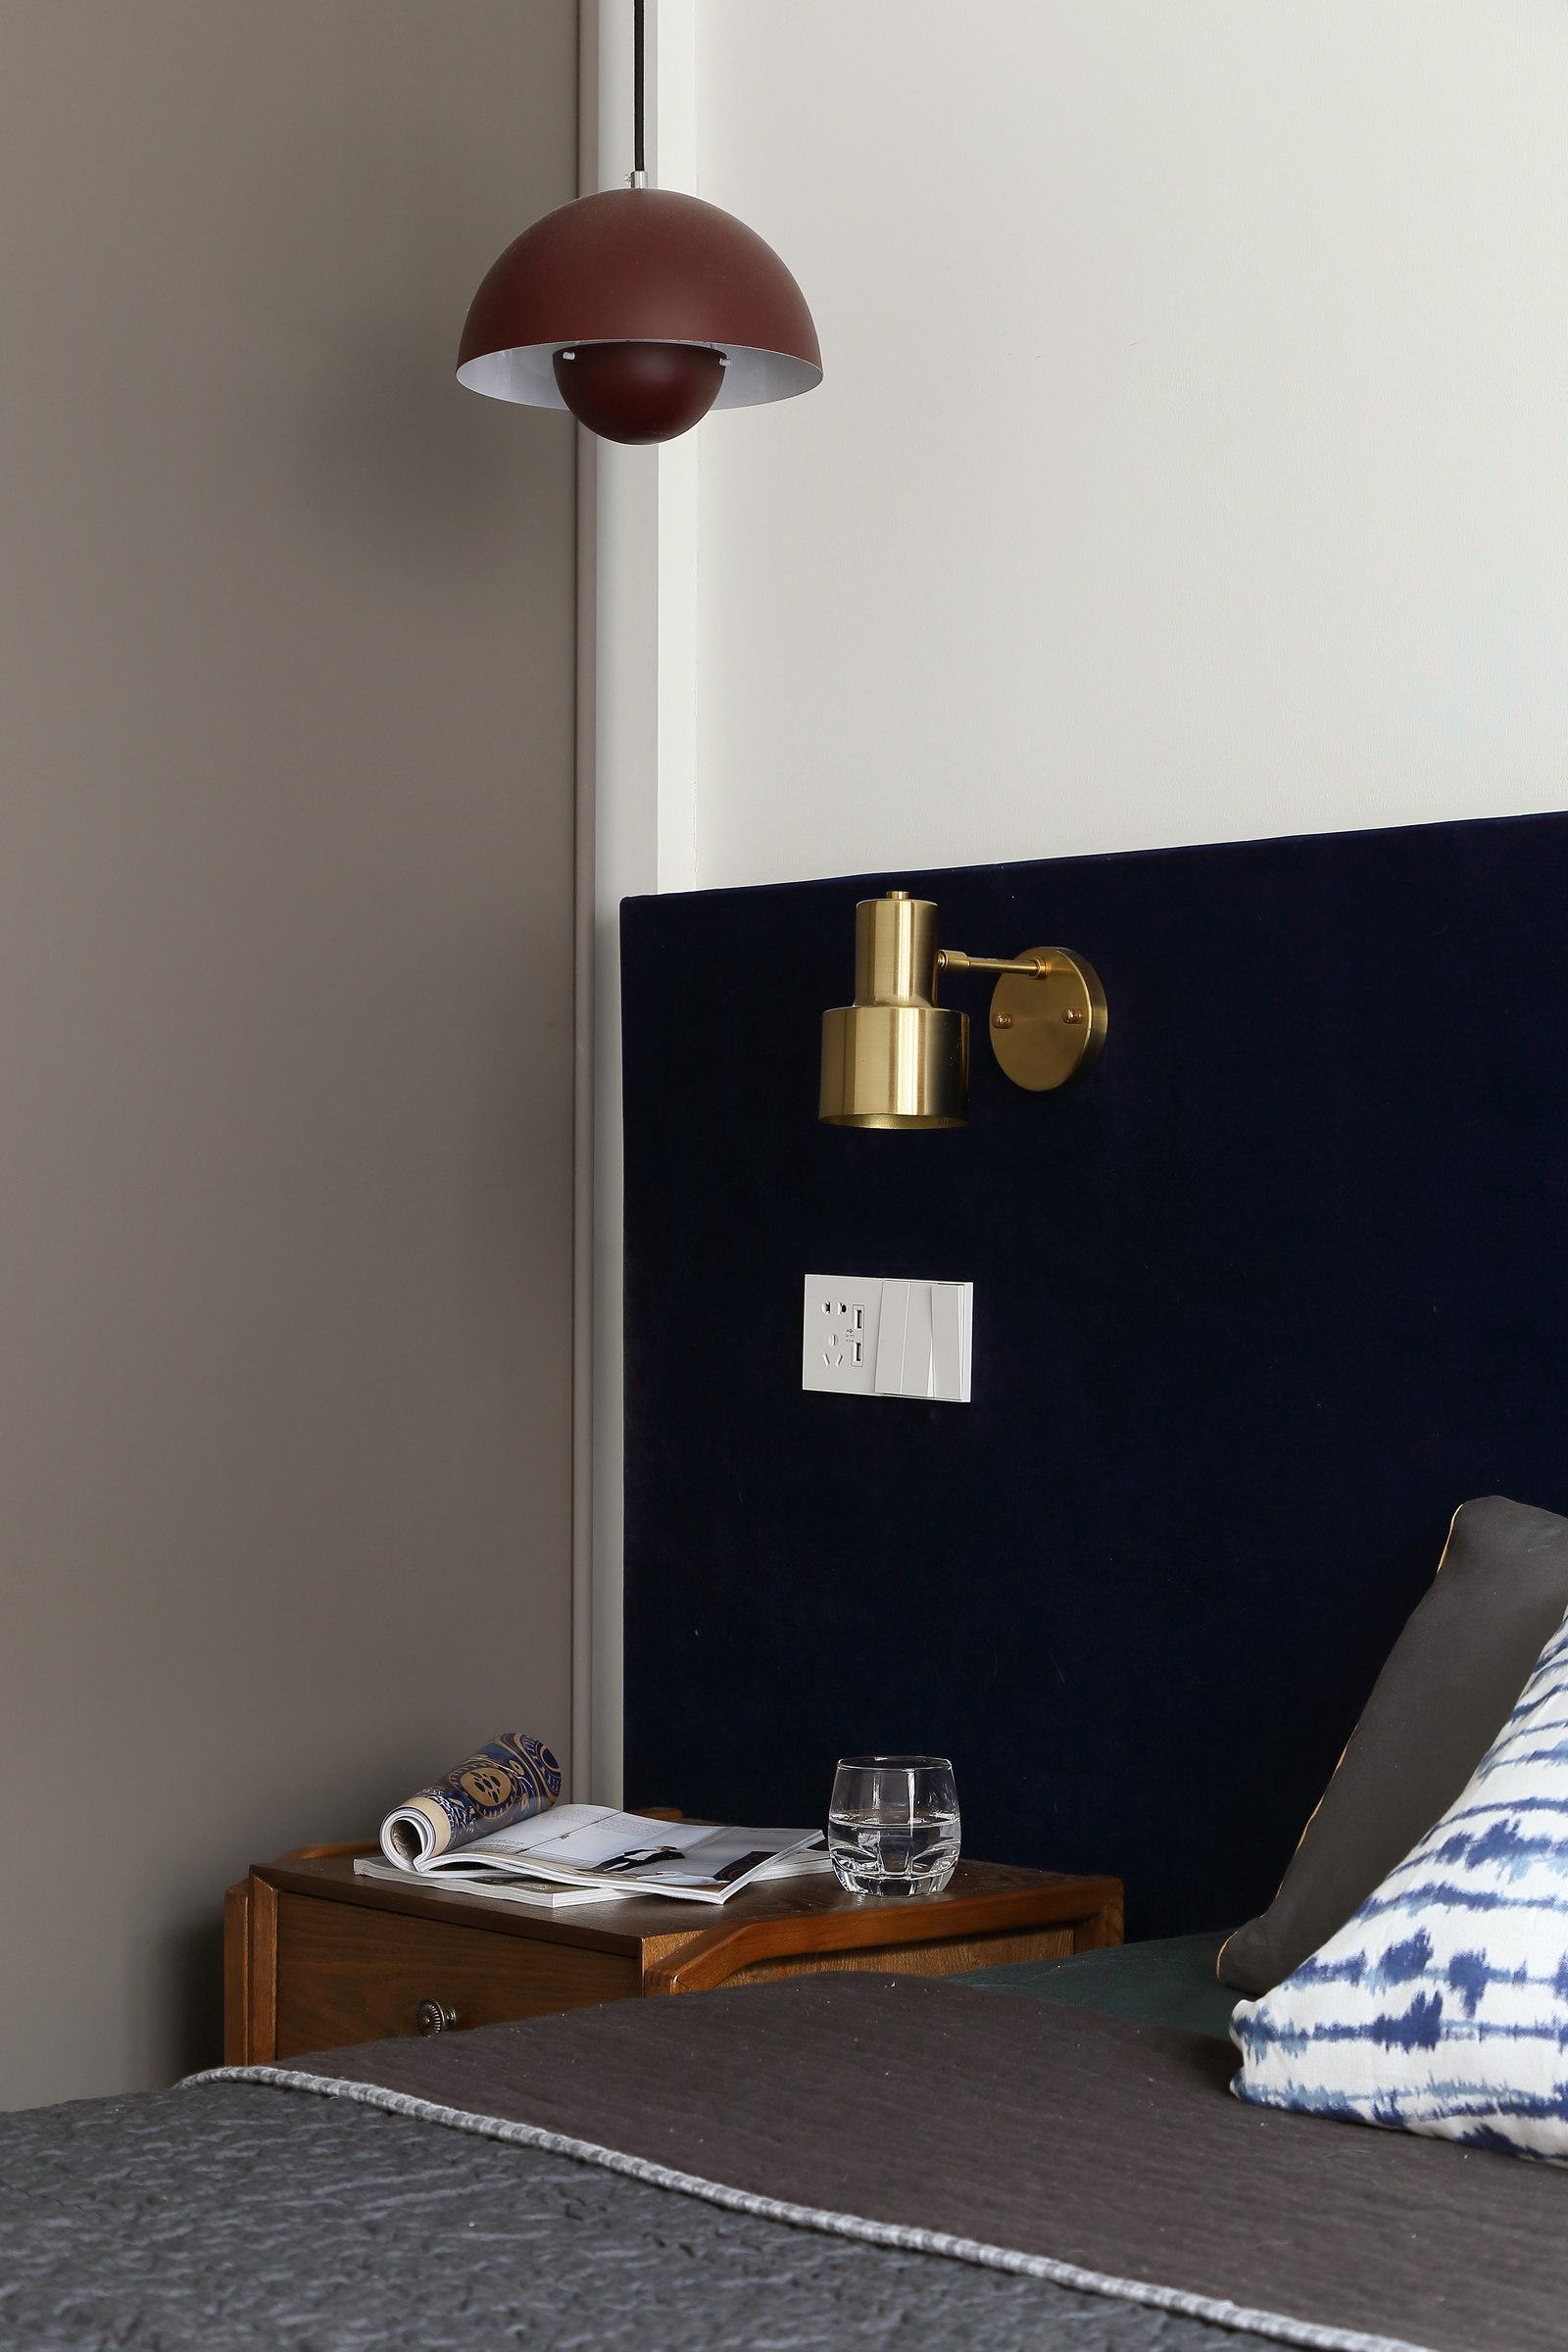 简约北欧风格三居装修床头灯具设计